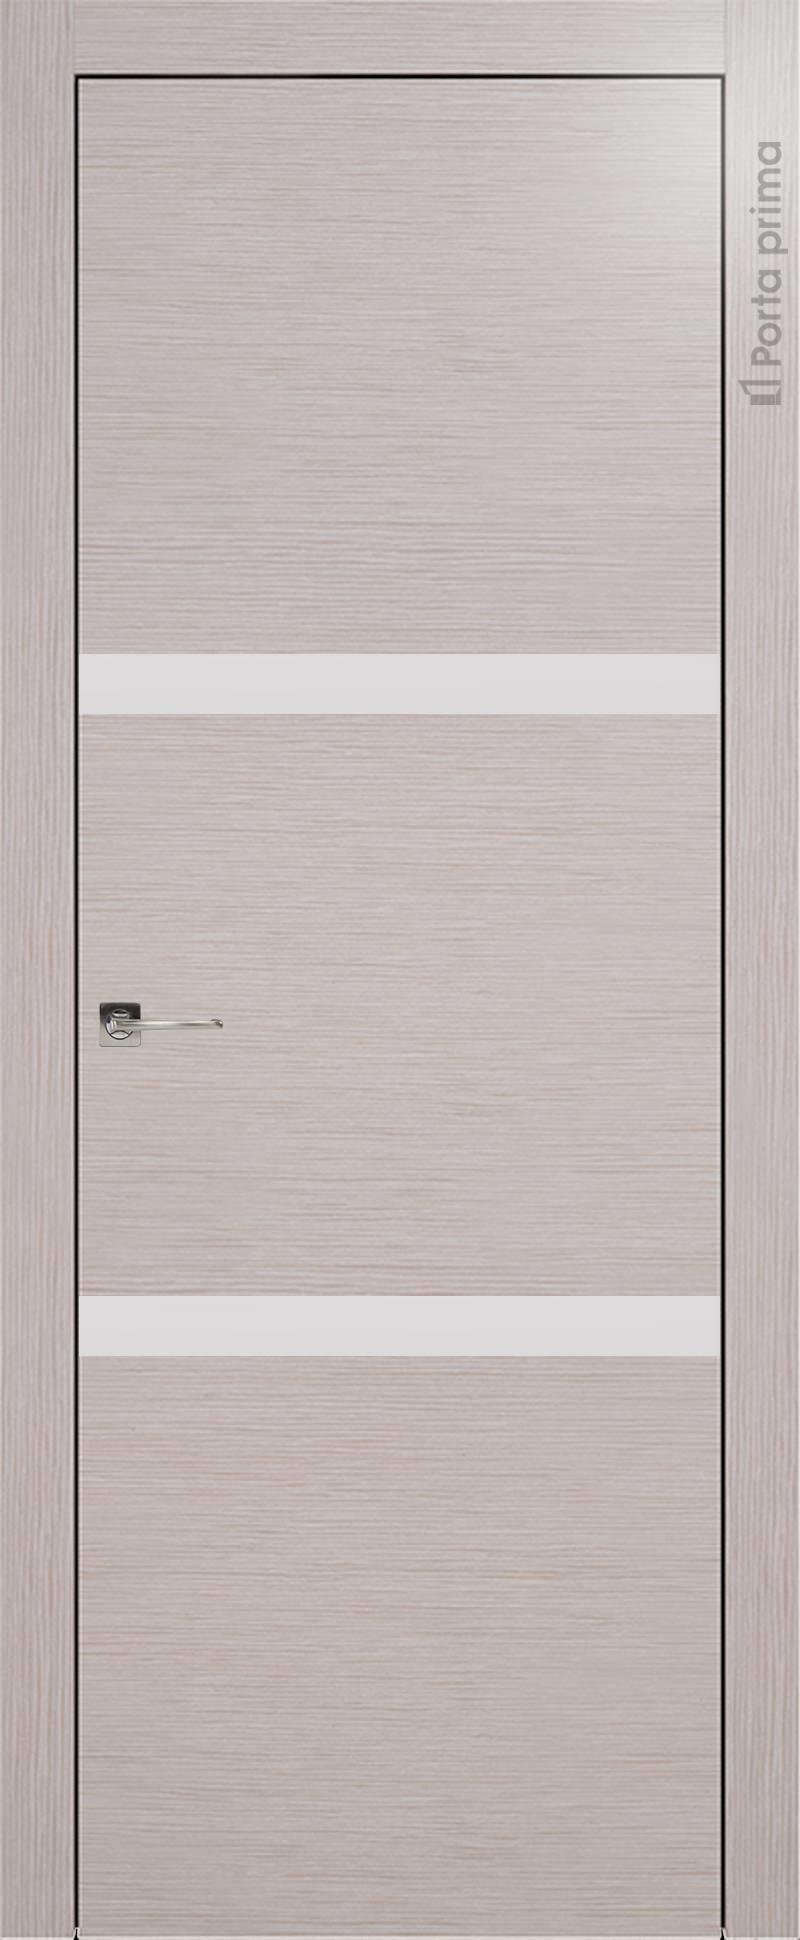 Tivoli В-4 цвет - Дымчатый дуб Без стекла (ДГ)